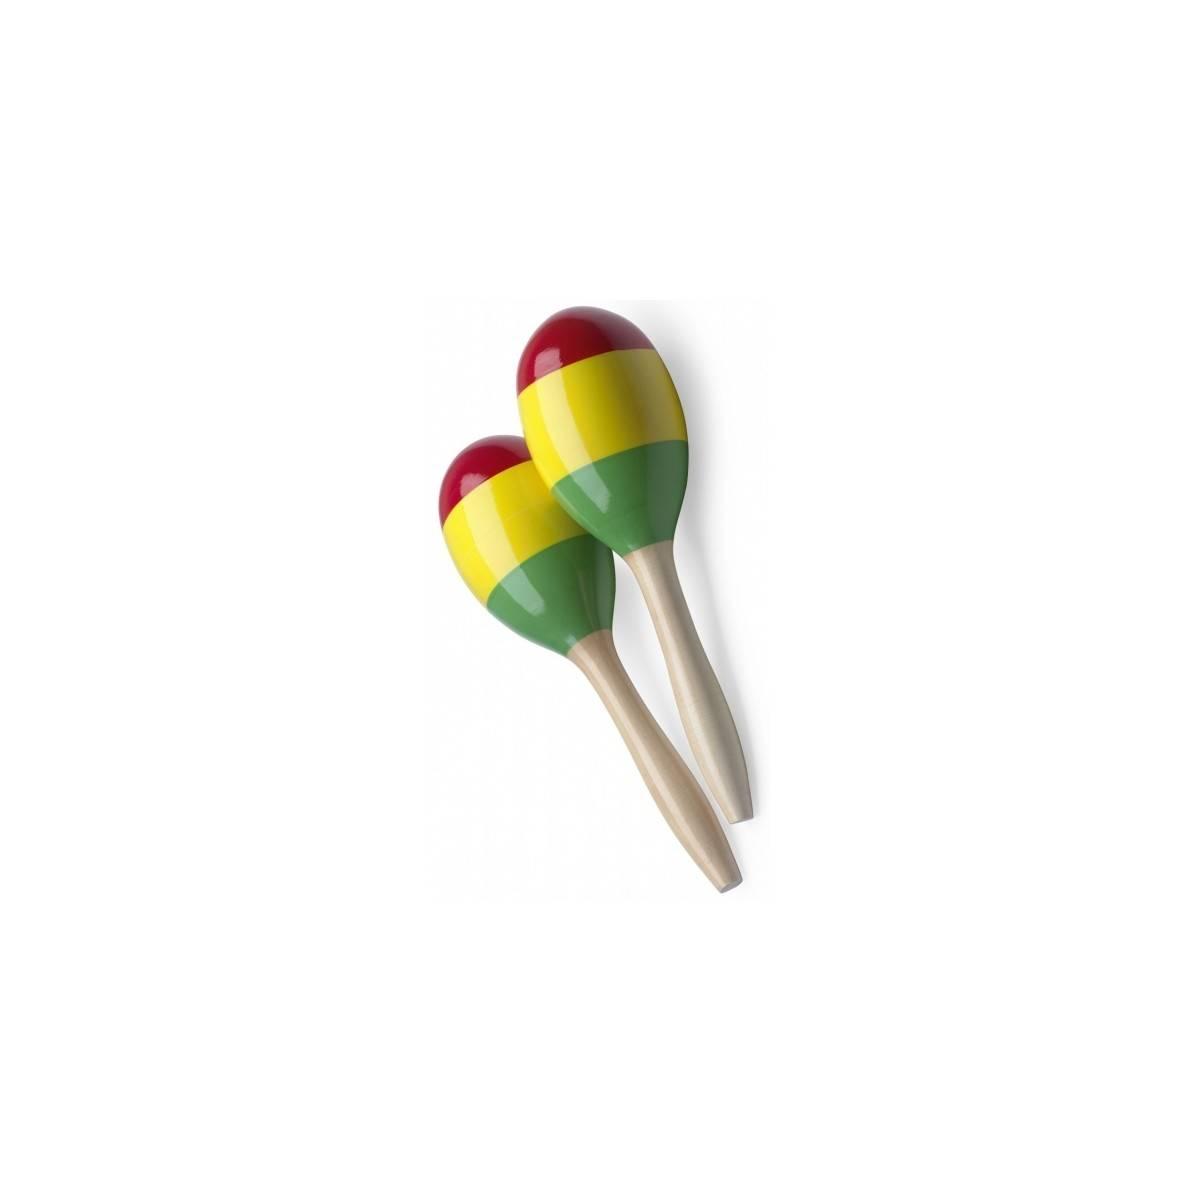 de maracas en bois reggae stagg référence 5 1209 paire de maracas en  ~ Maracas En Bois